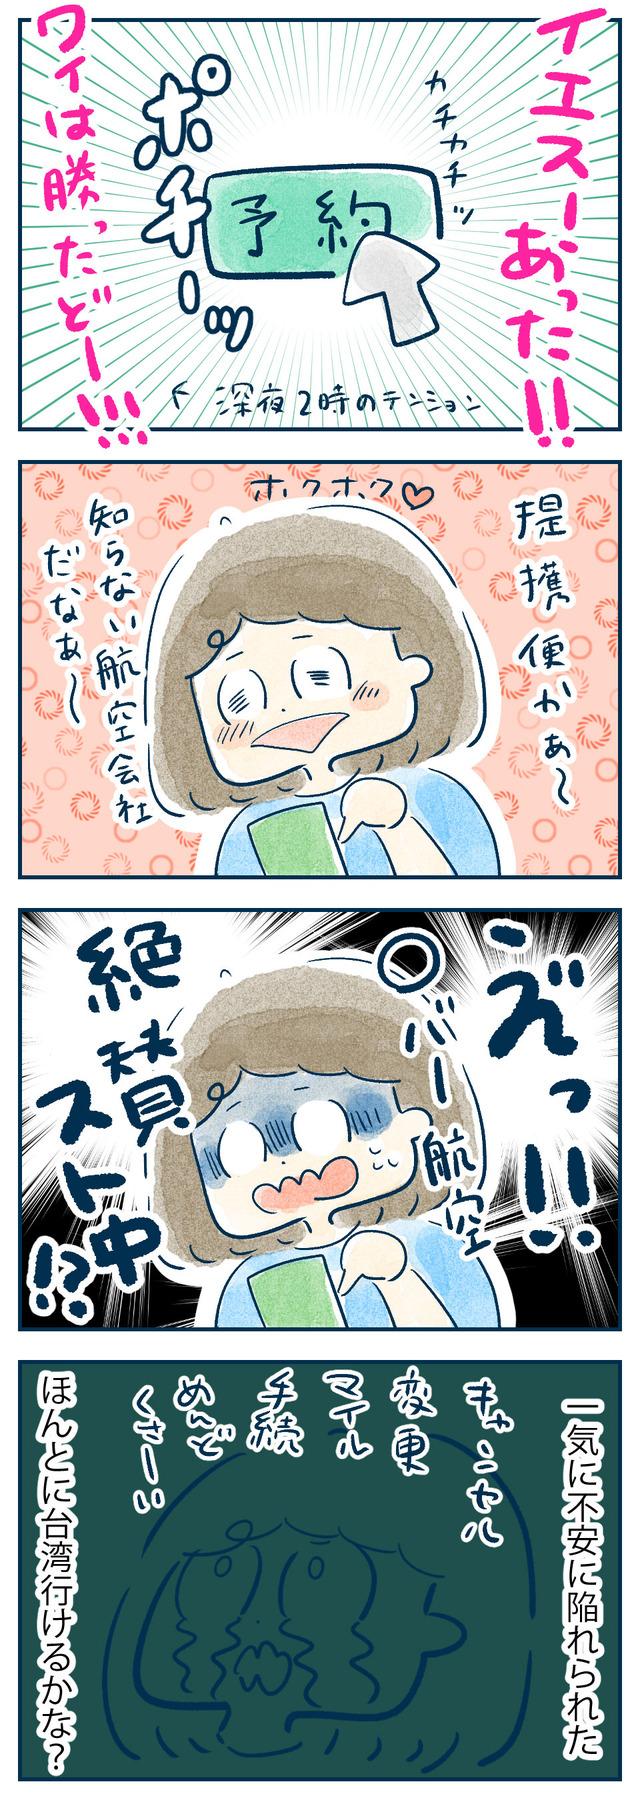 taiwan02